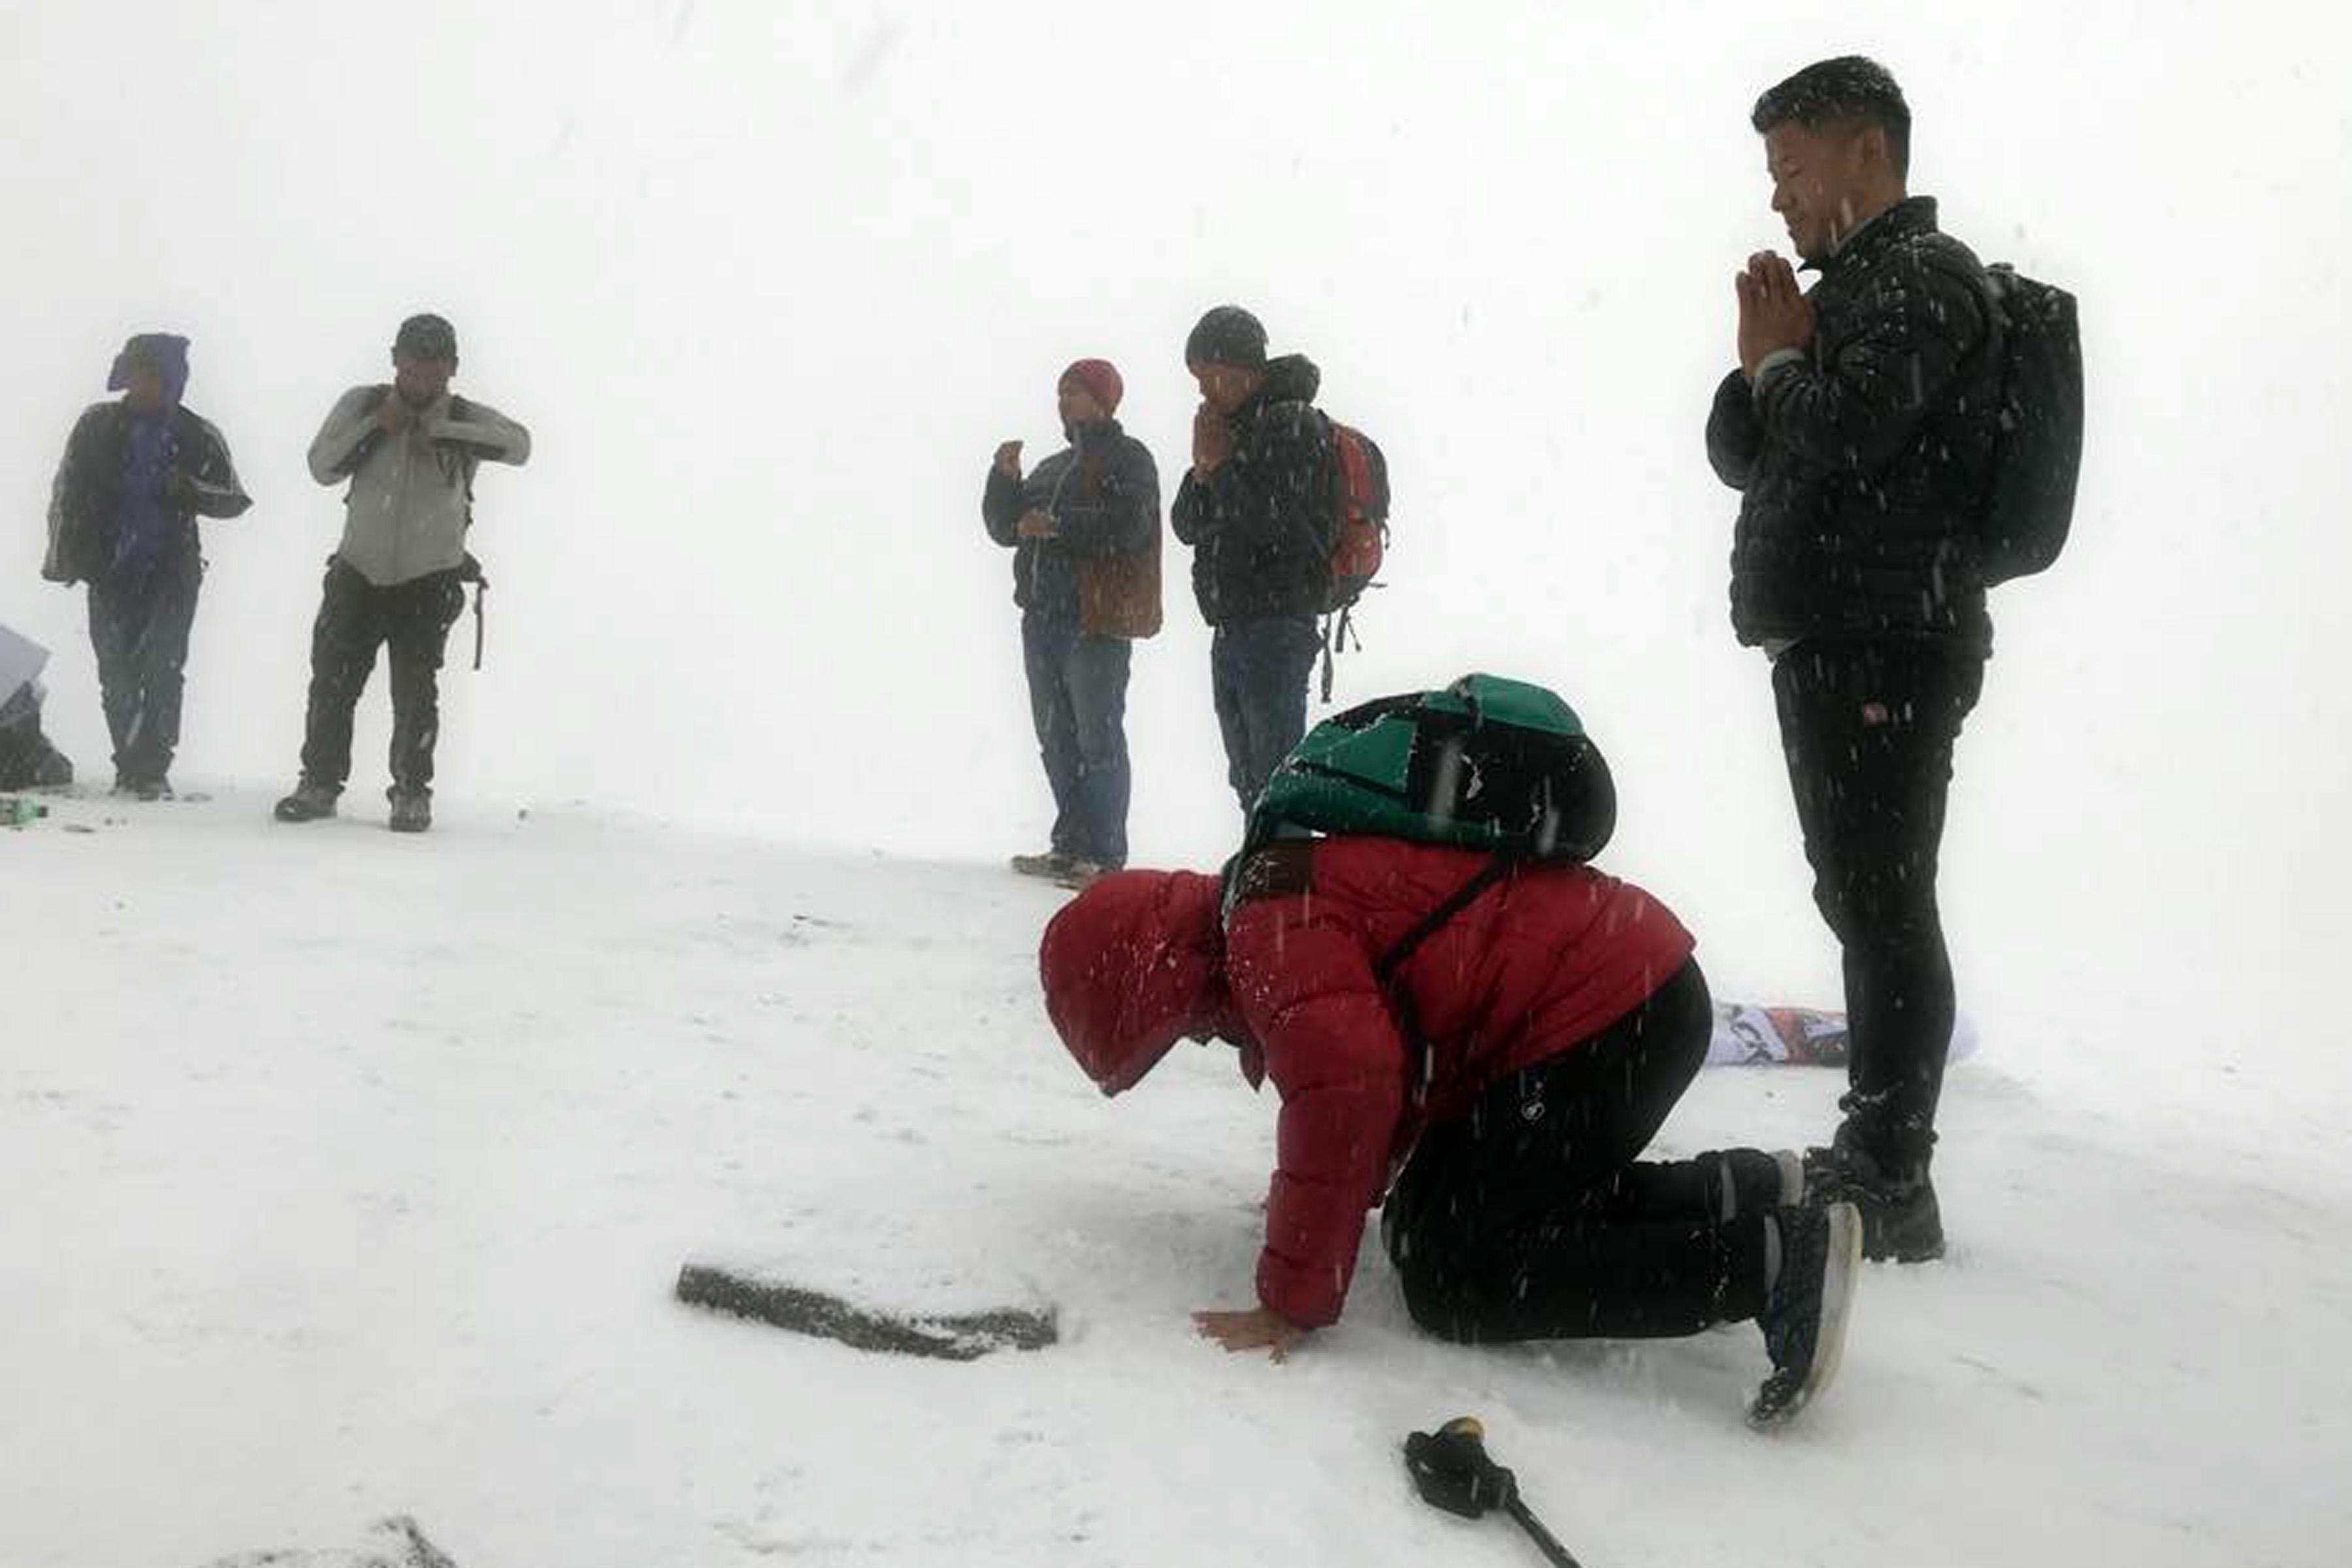 ४ हजार ७० मिटर उचाइमा रहेको सोलुखुम्वुको पिके हिलमा आयोजित हाफ म्याराथनका सहभागी म्याराथन सुरु गर्नुअघि । हिमपातका बीच २१ किमीको म्याराथन ओखलढुङ्गाको खिजीमा सम्पन्न भएको छ । तस्बिरः रासस